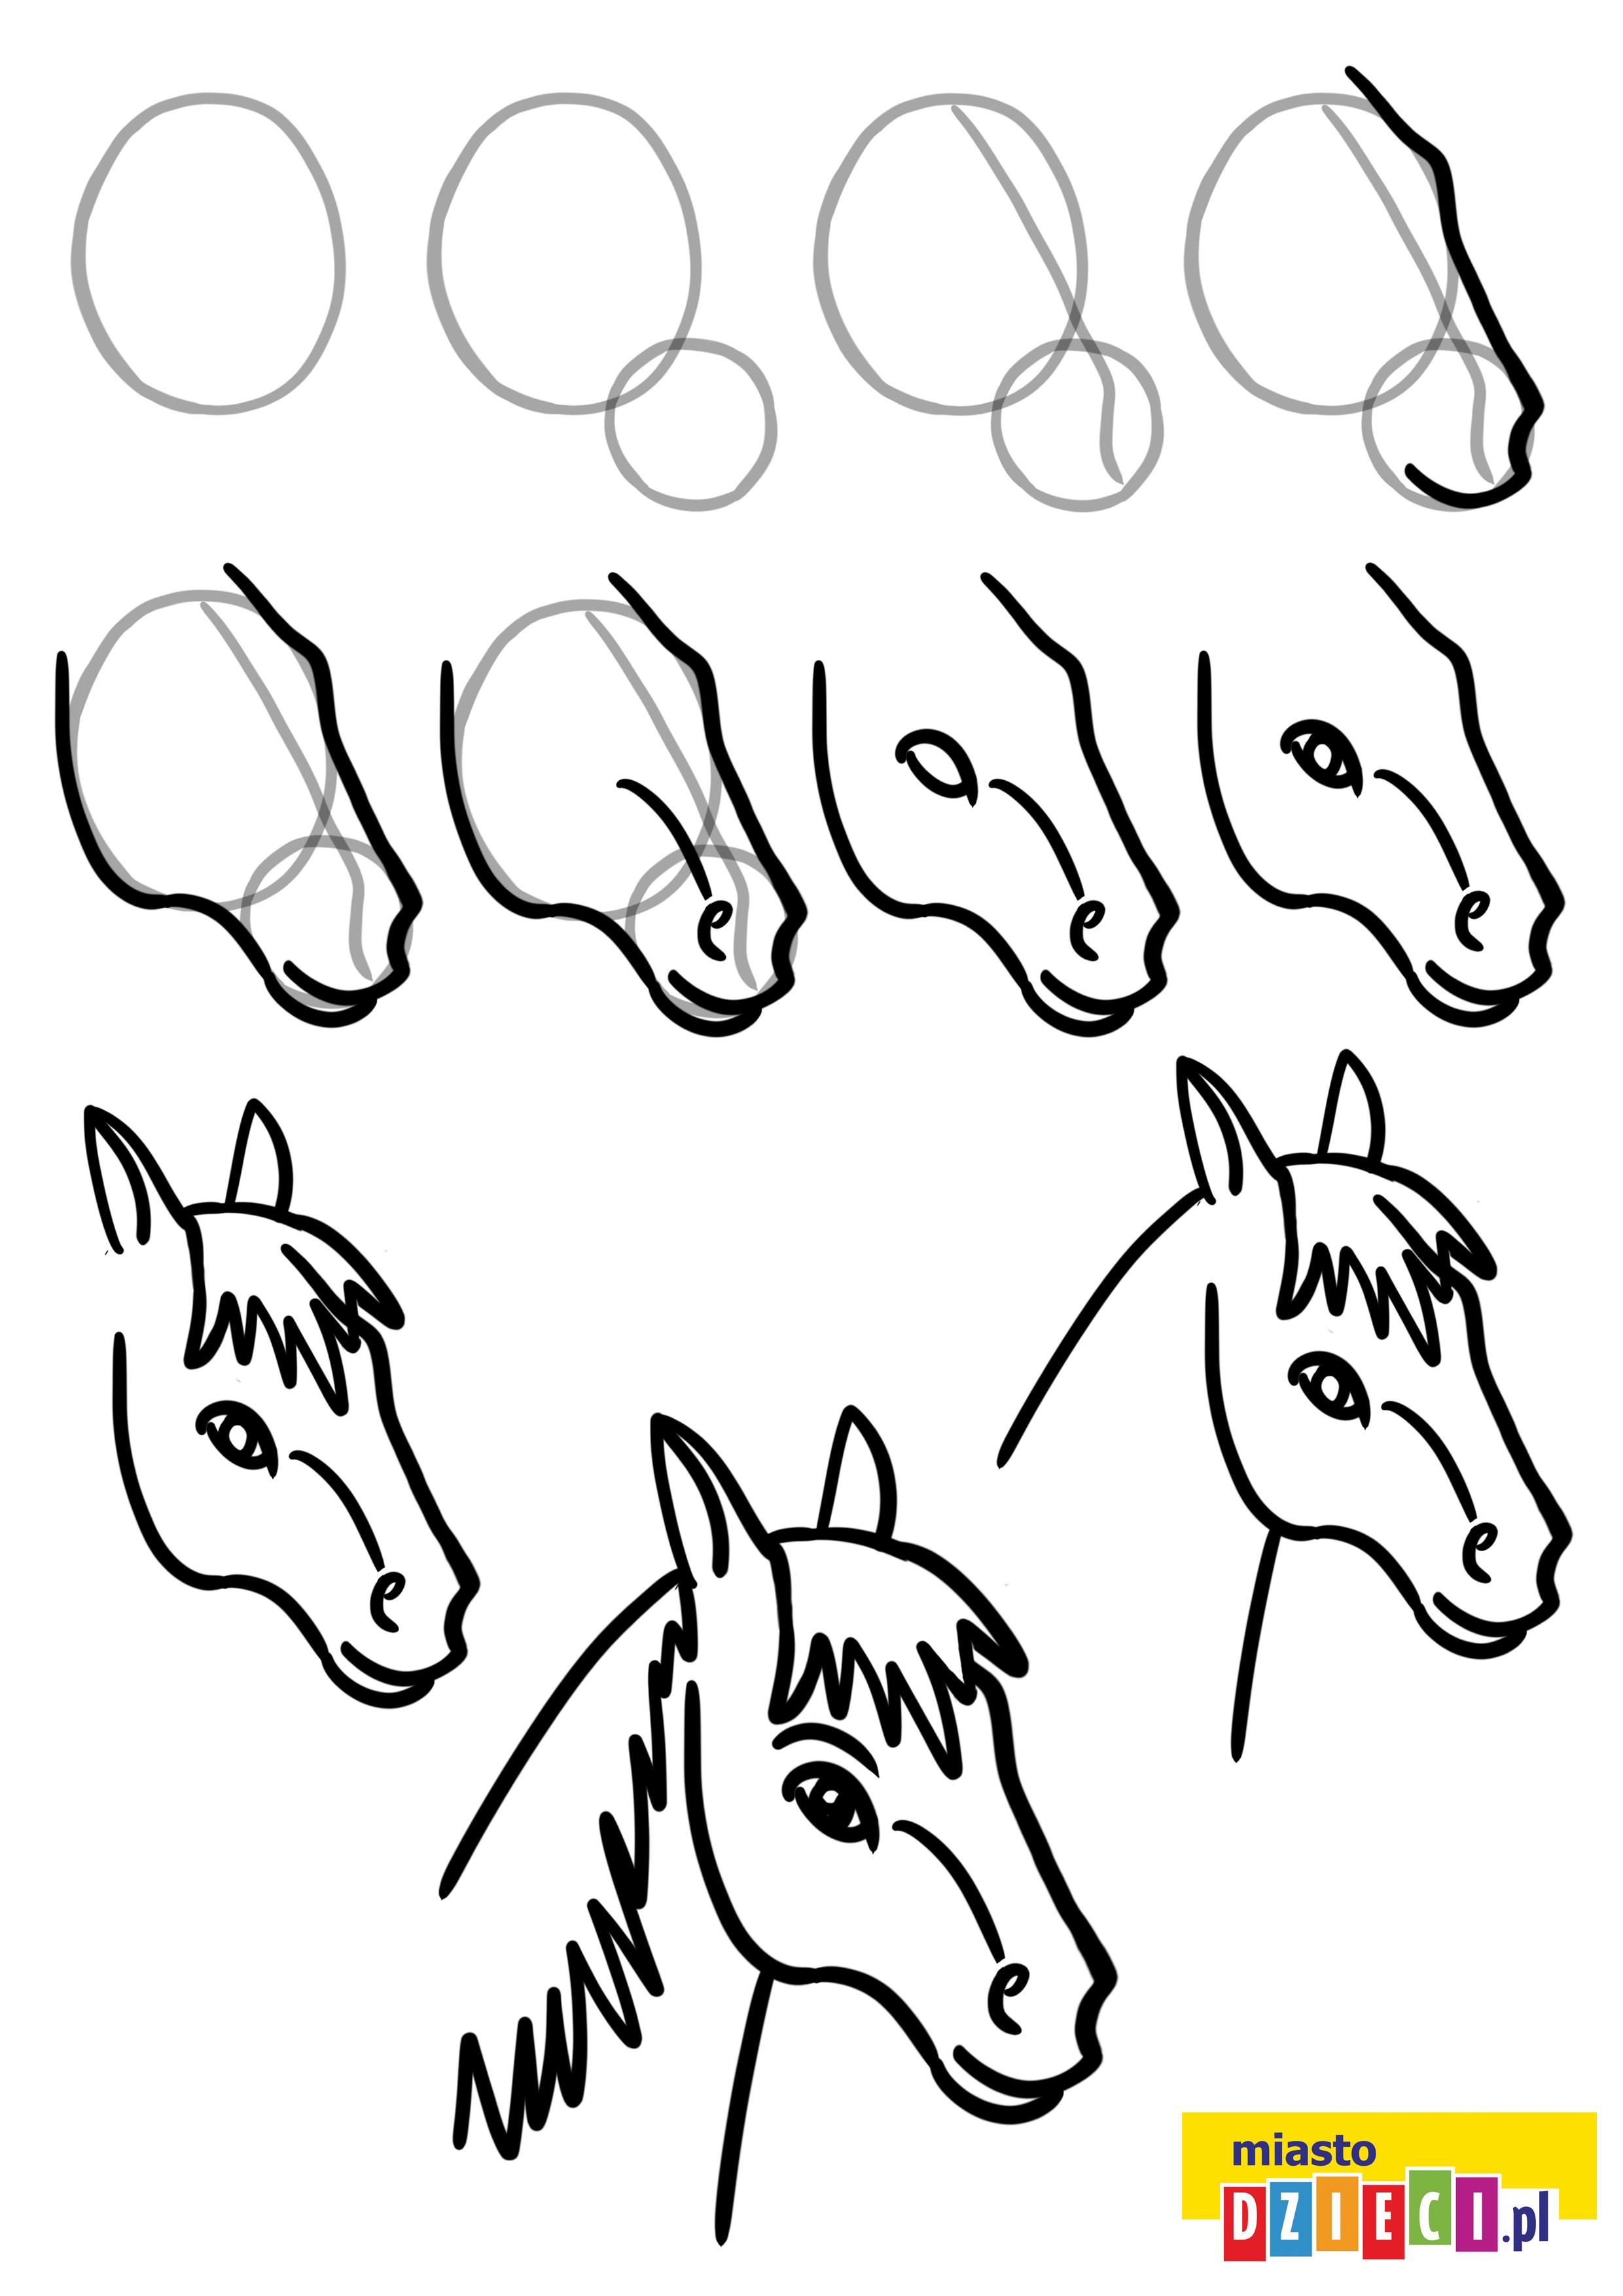 Jak narysować głowę konia krok po kroku instrukcja rysowania portretu konia do druku